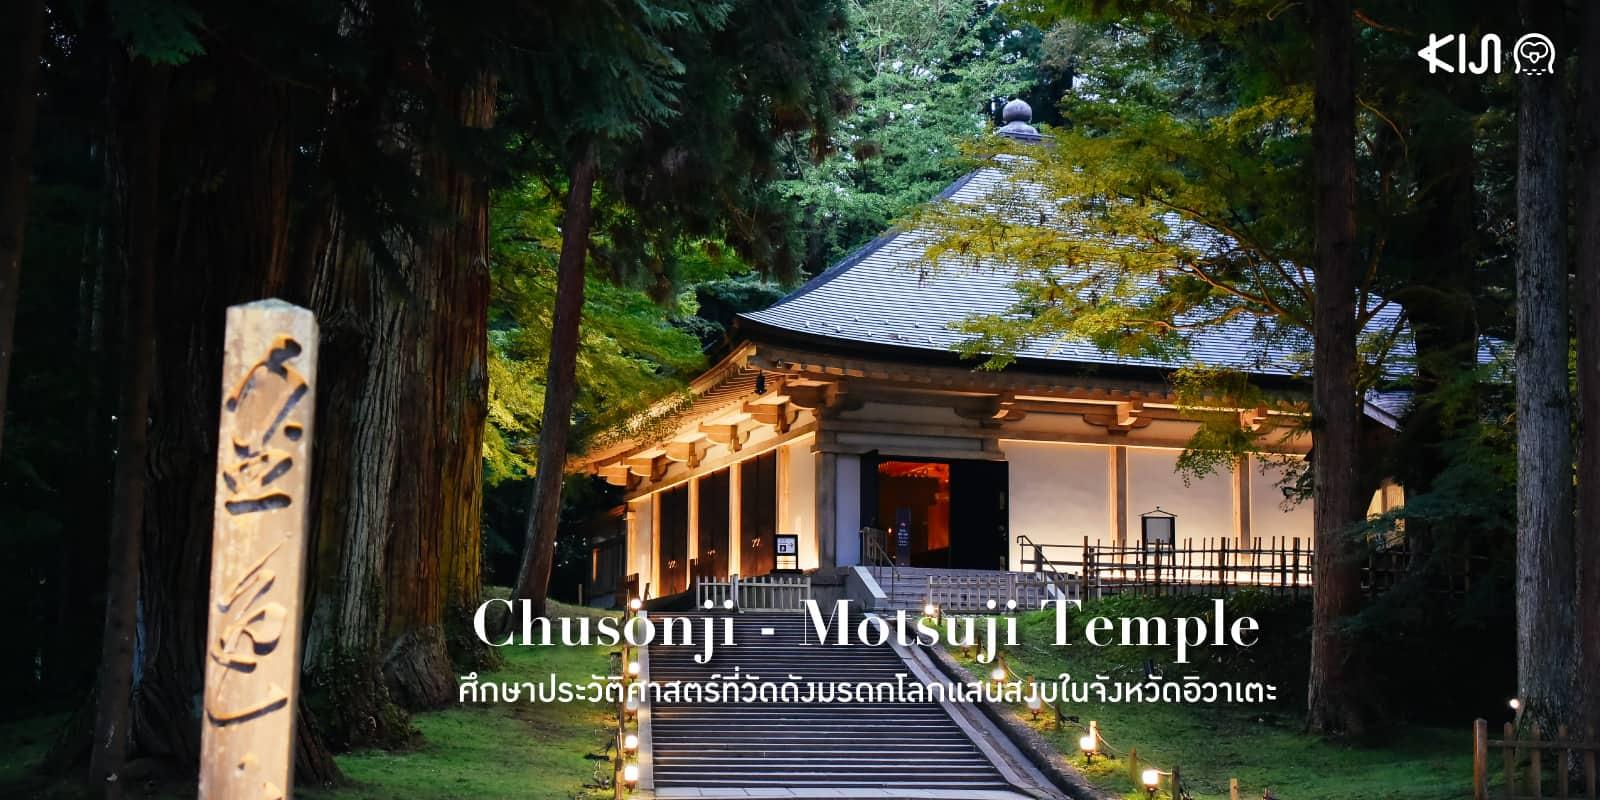 Chusonji - Motsuji Temple ในจังหวัดอิวาเตะ